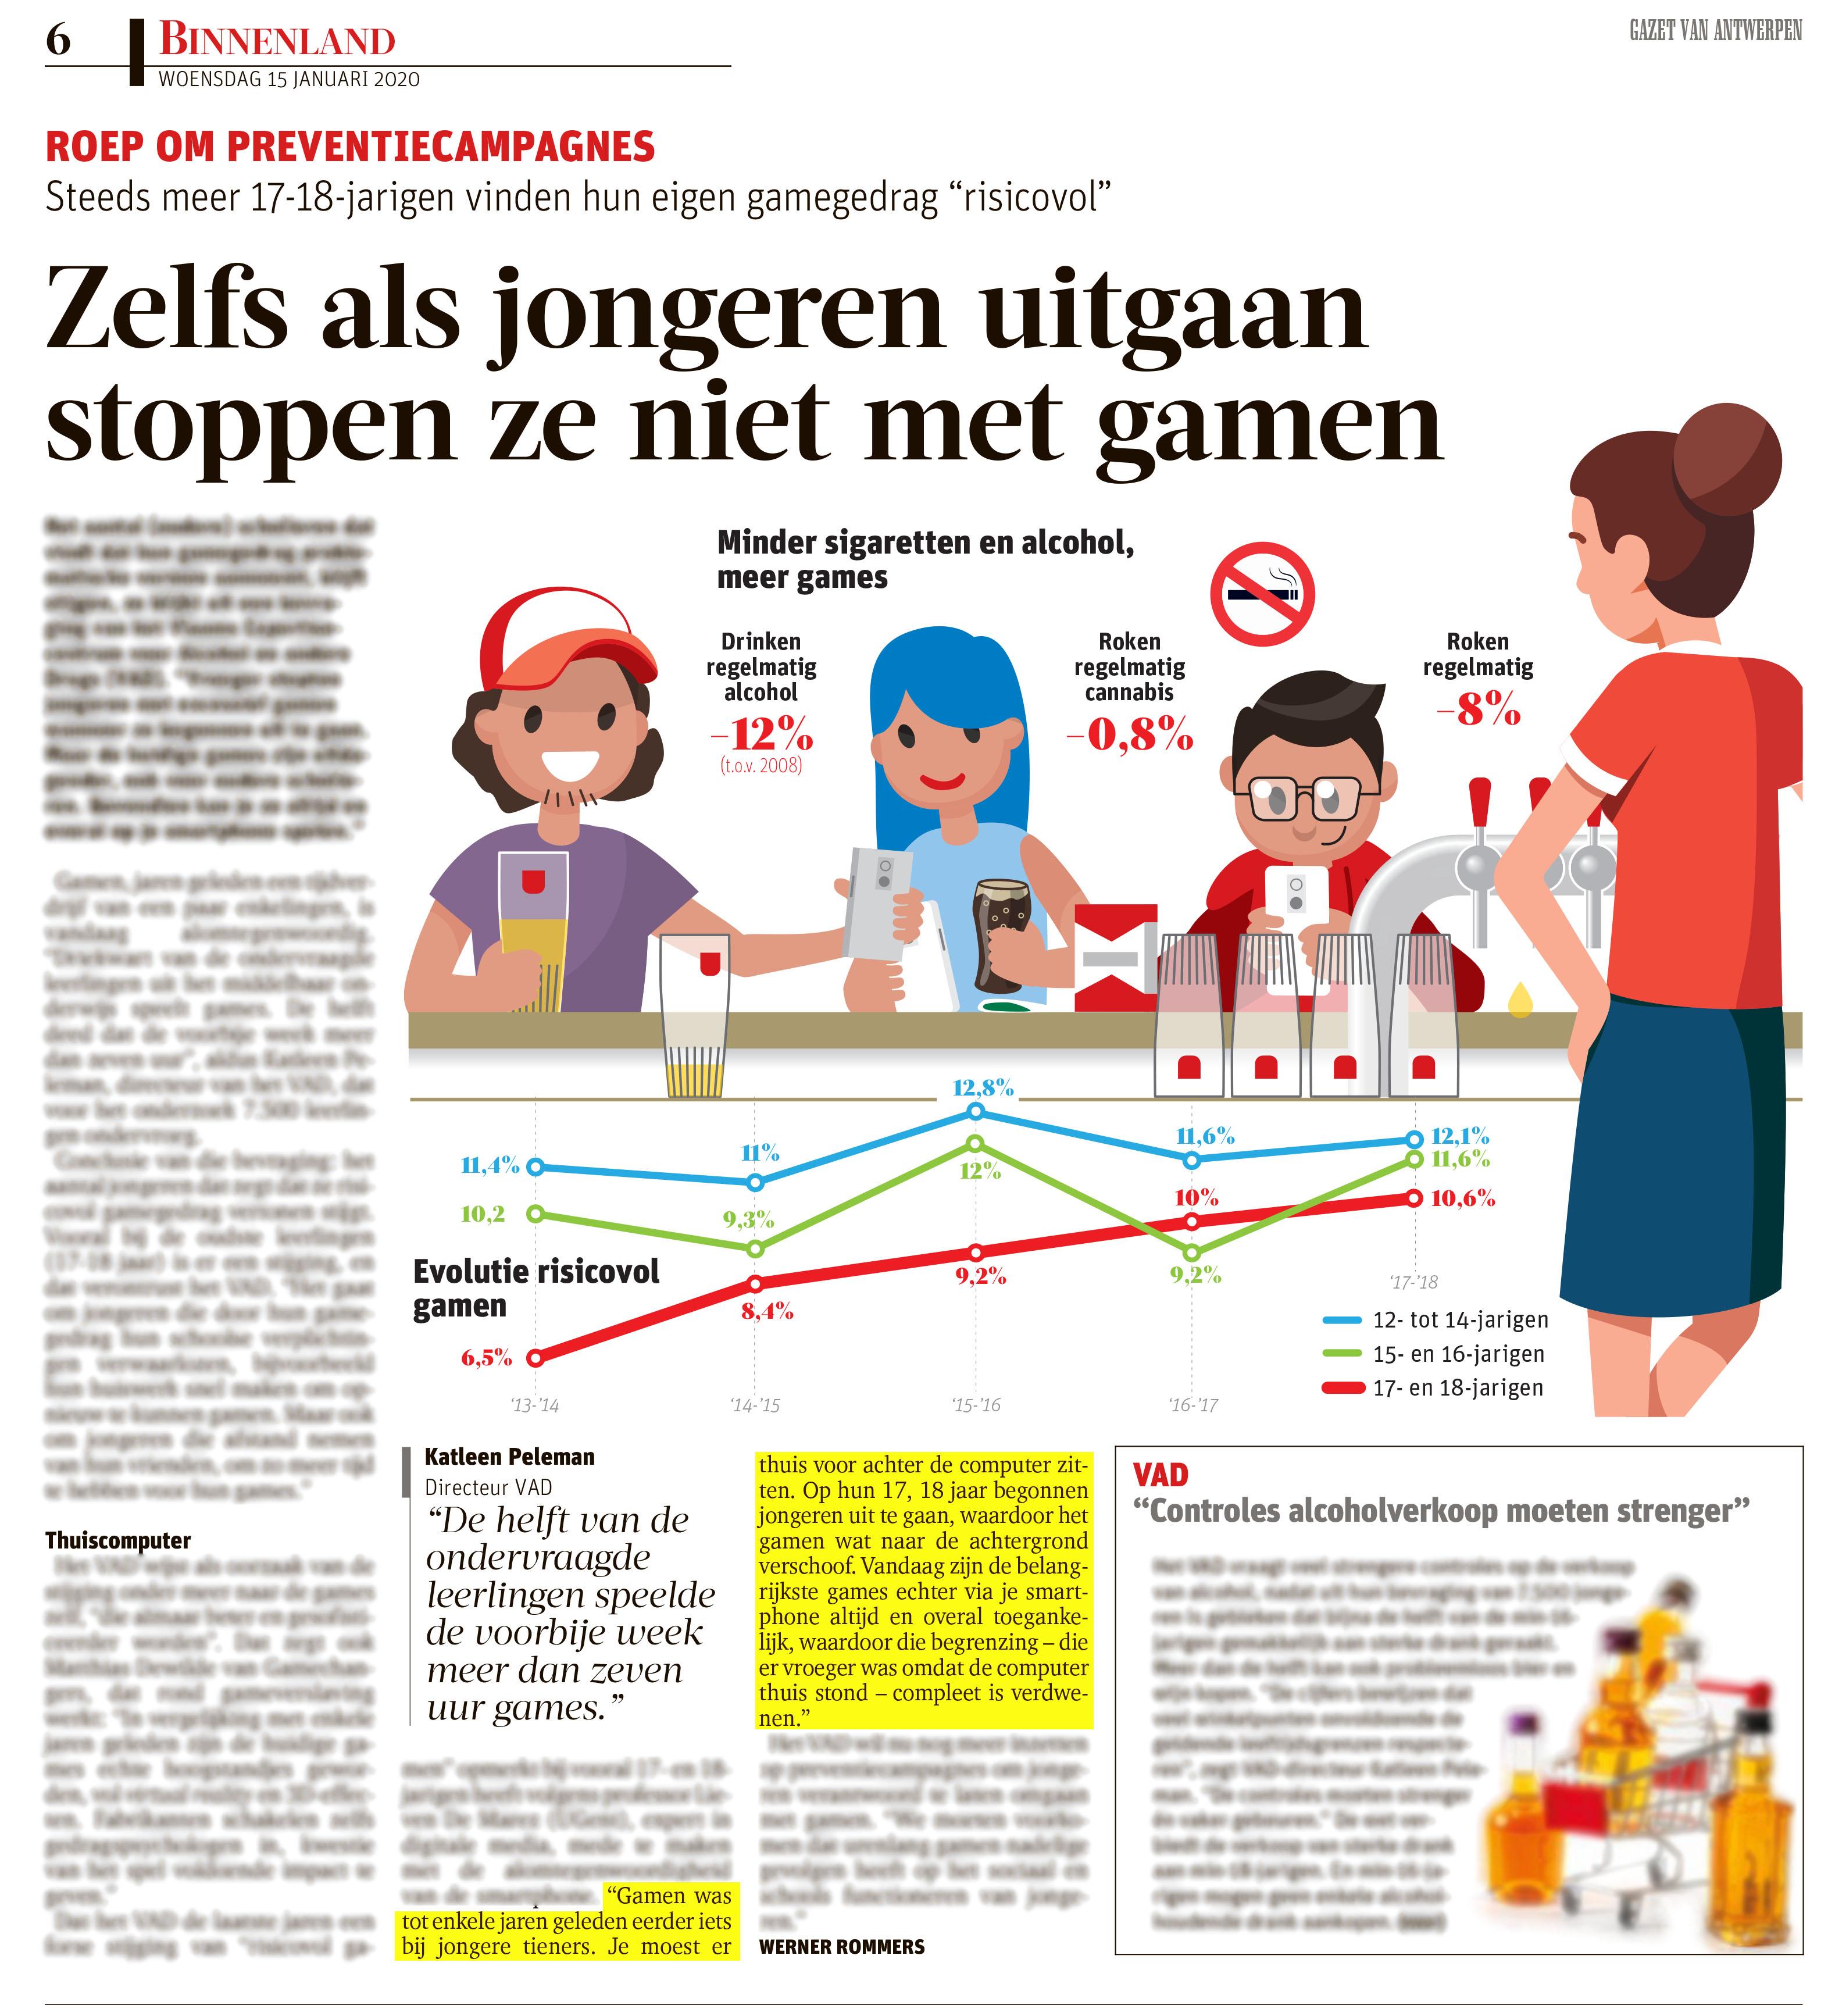 BRON: Gazet van Antwerpen, 15/01/2020, p 6